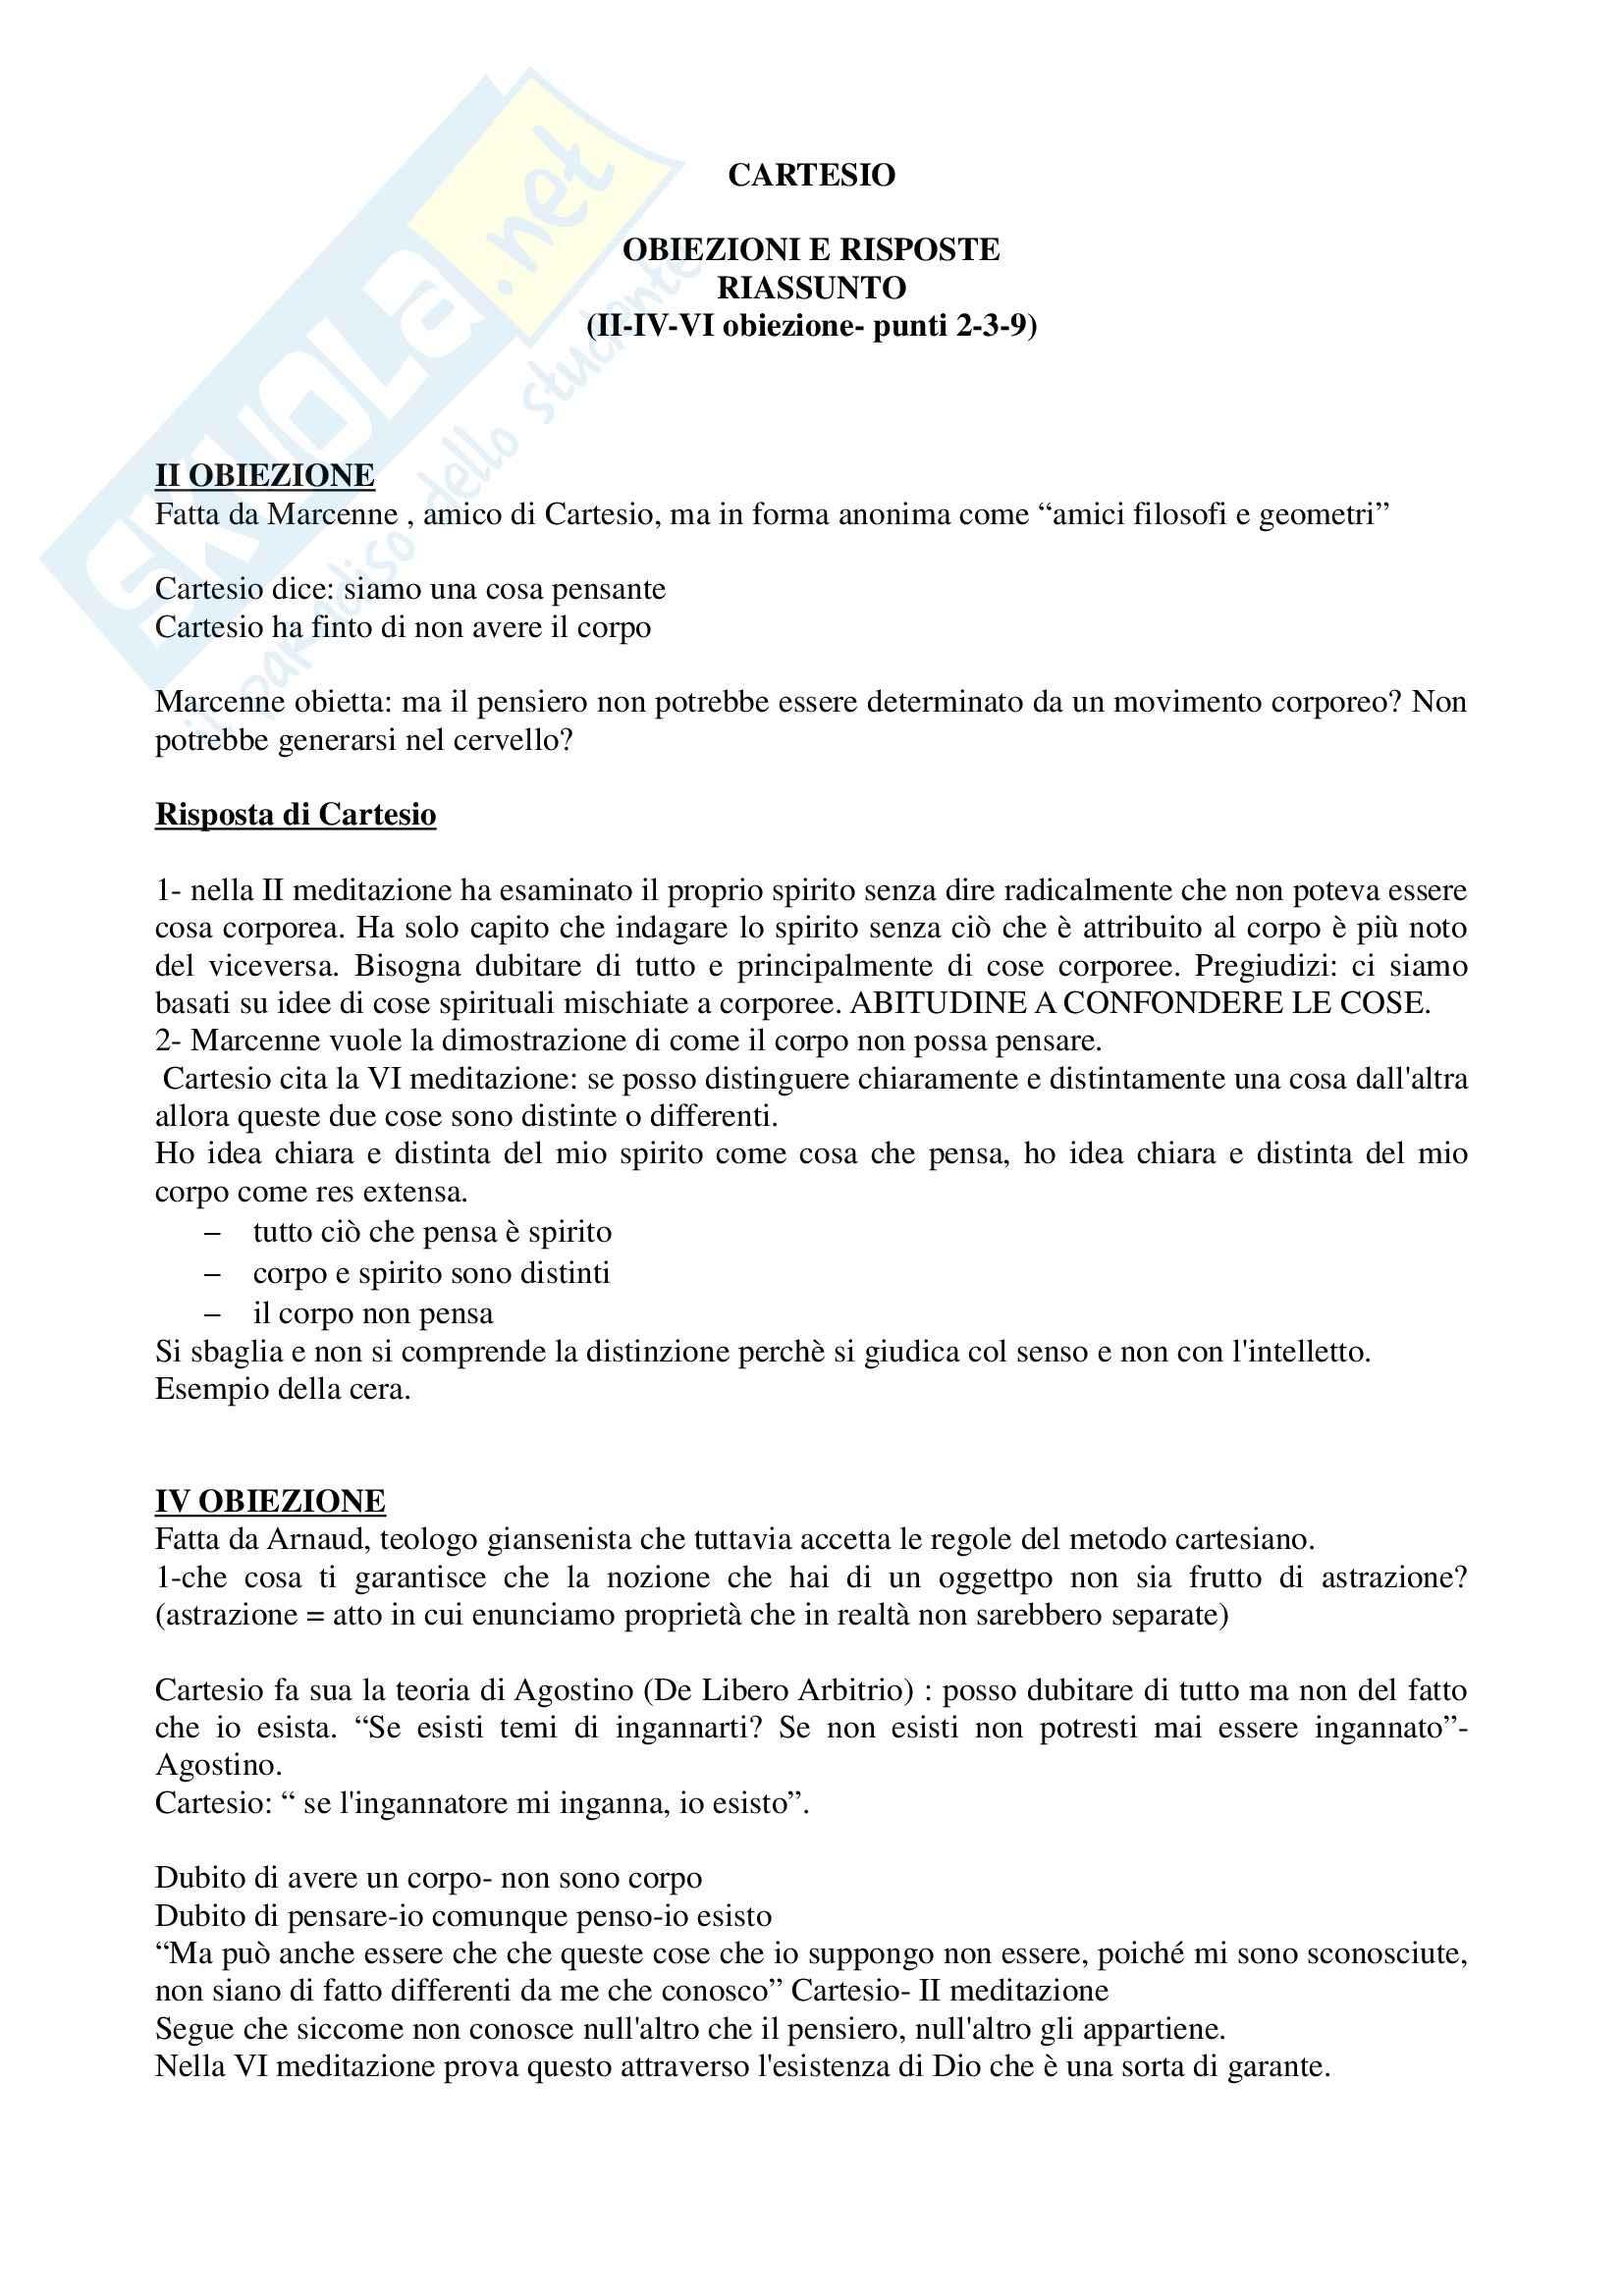 Storia della filosofia - obiezioni e risposte di Cartesio